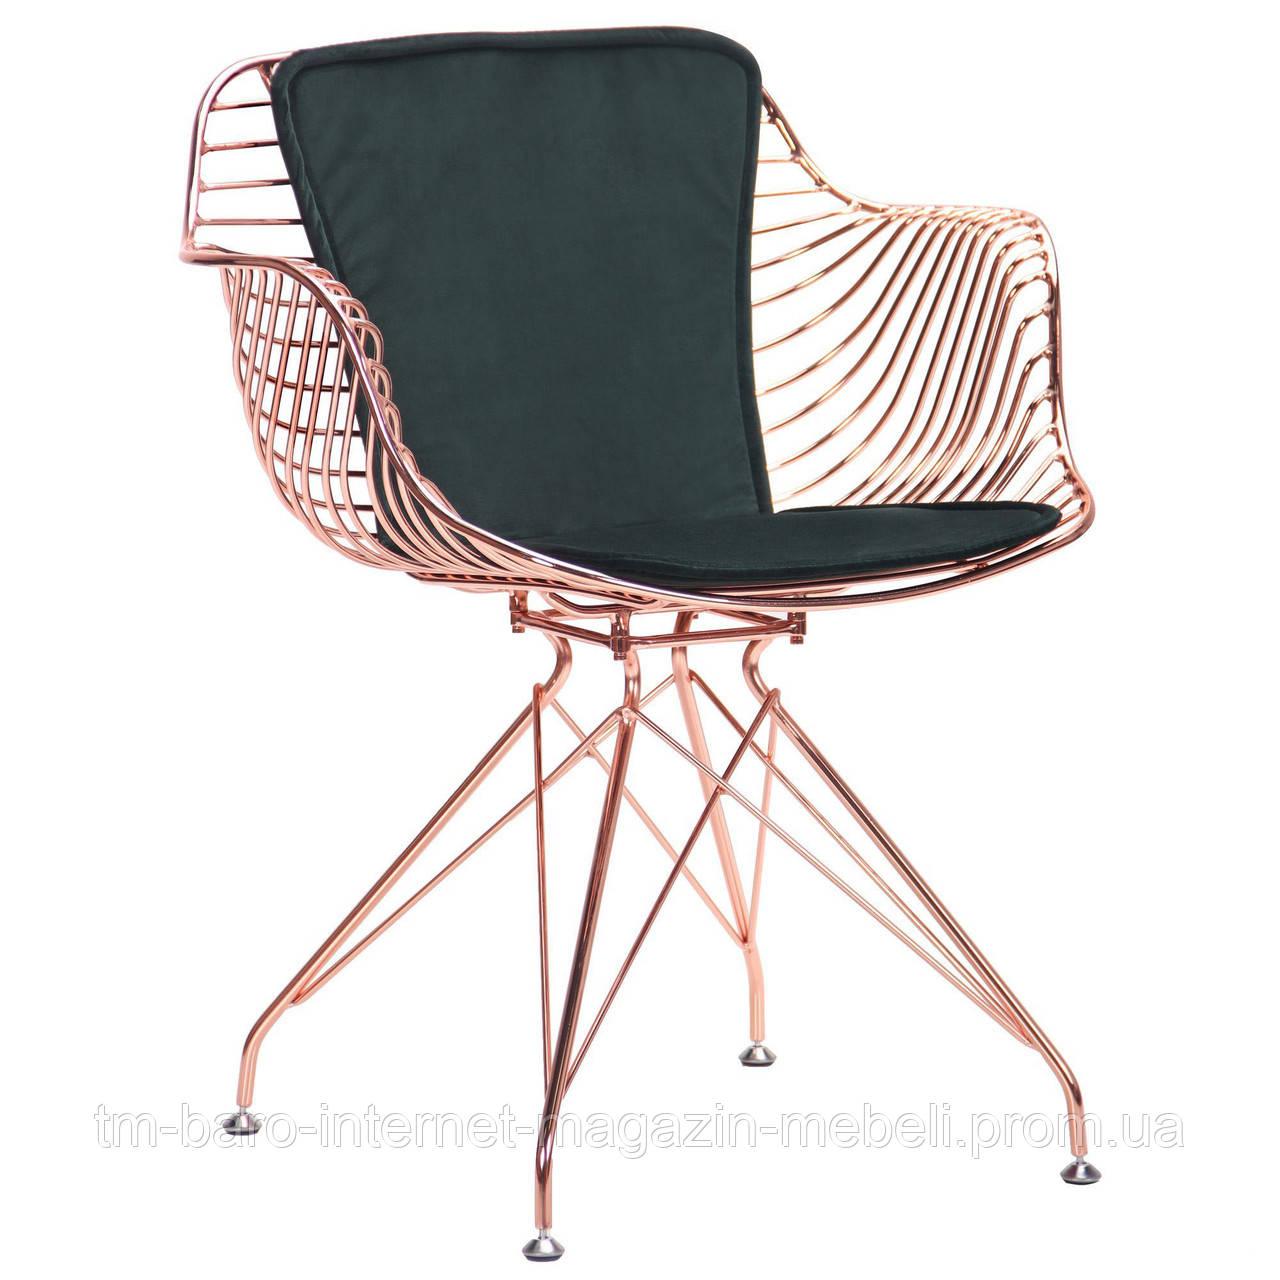 Кресло Ibis (Ибис), rose gold, emerald, Бесплатная доставка